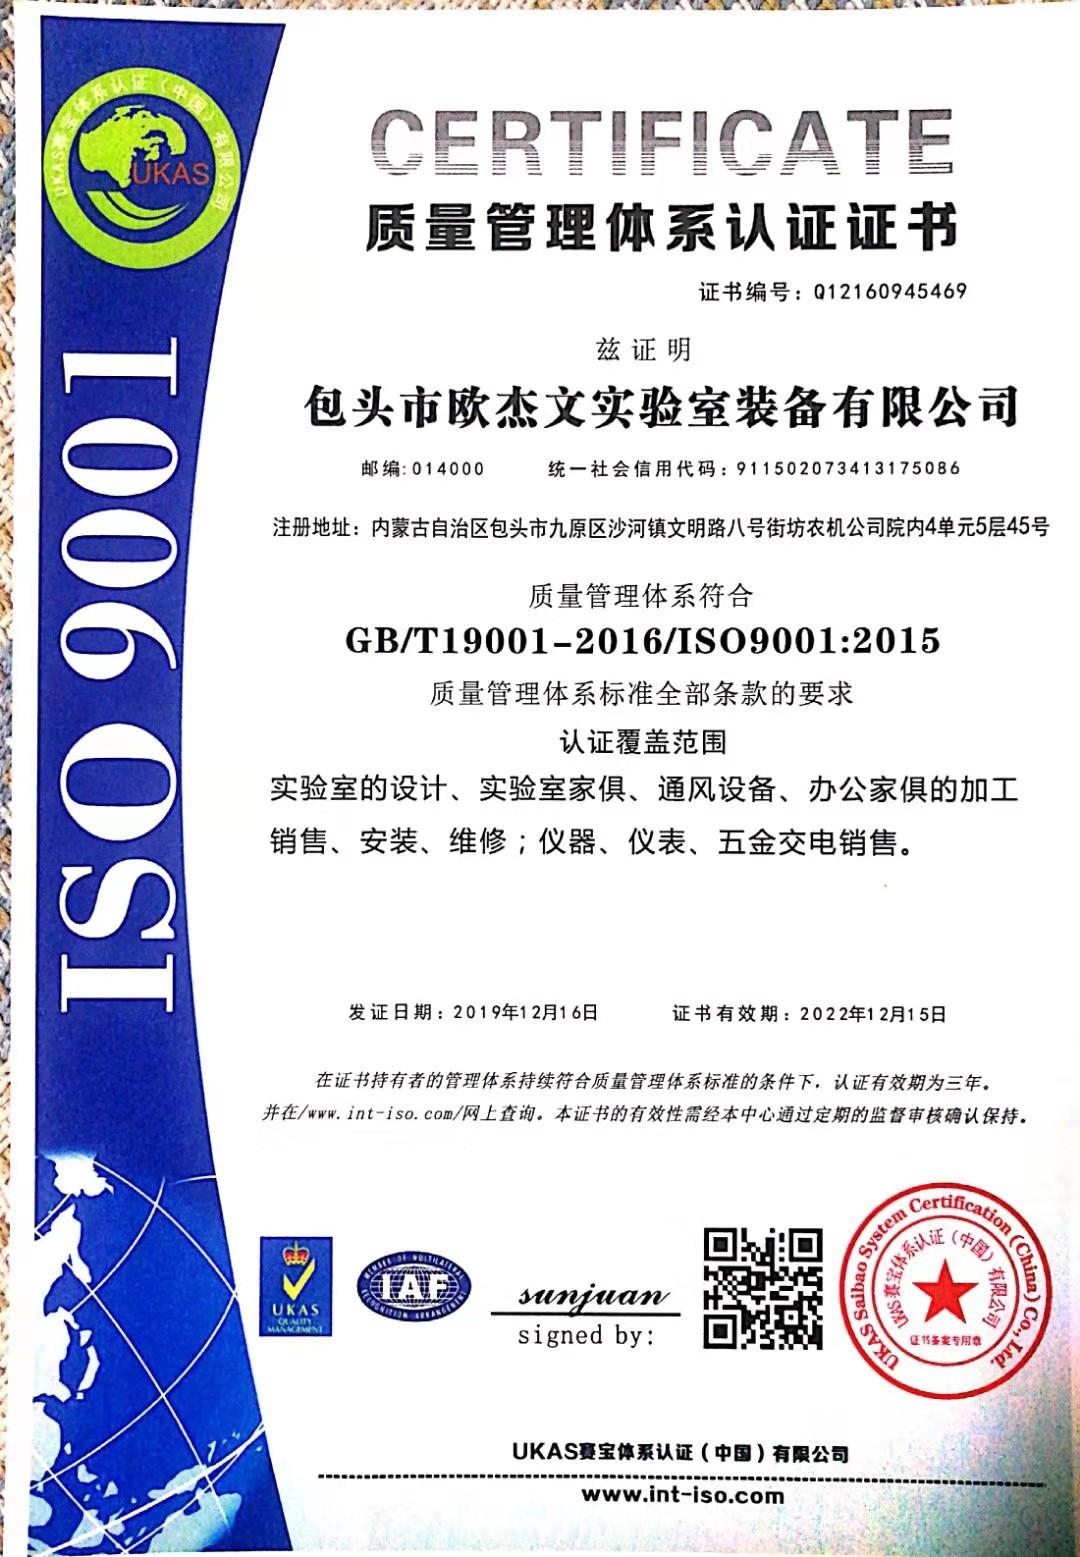 包头市欧杰文实验室装备有限公司质量管理体系认证证书